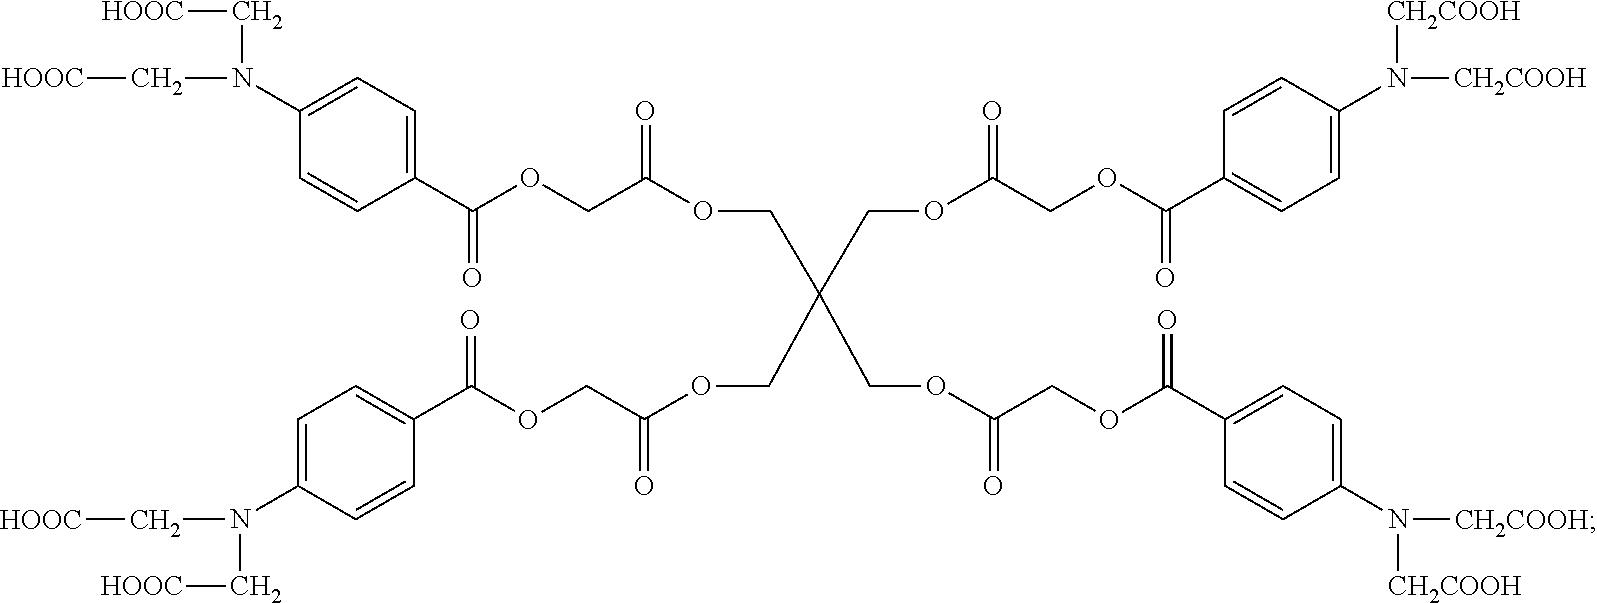 Figure US08053591-20111108-C00037